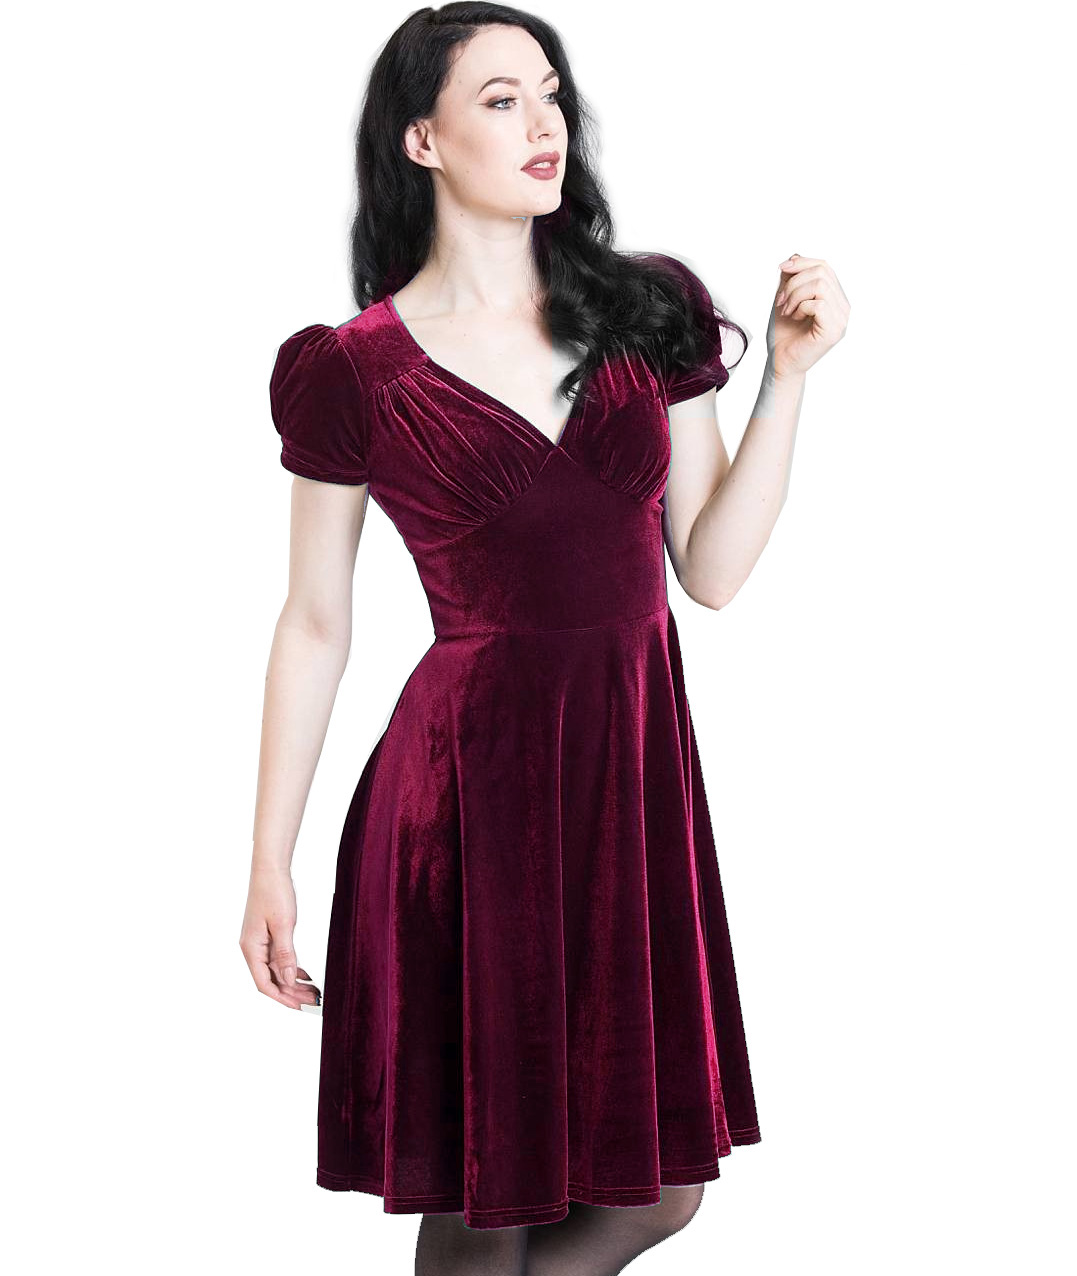 Hell-Bunny-40s-50s-Elegant-Pin-Up-Dress-JOANNE-Crushed-Velvet-Burgundy-All-Sizes thumbnail 9